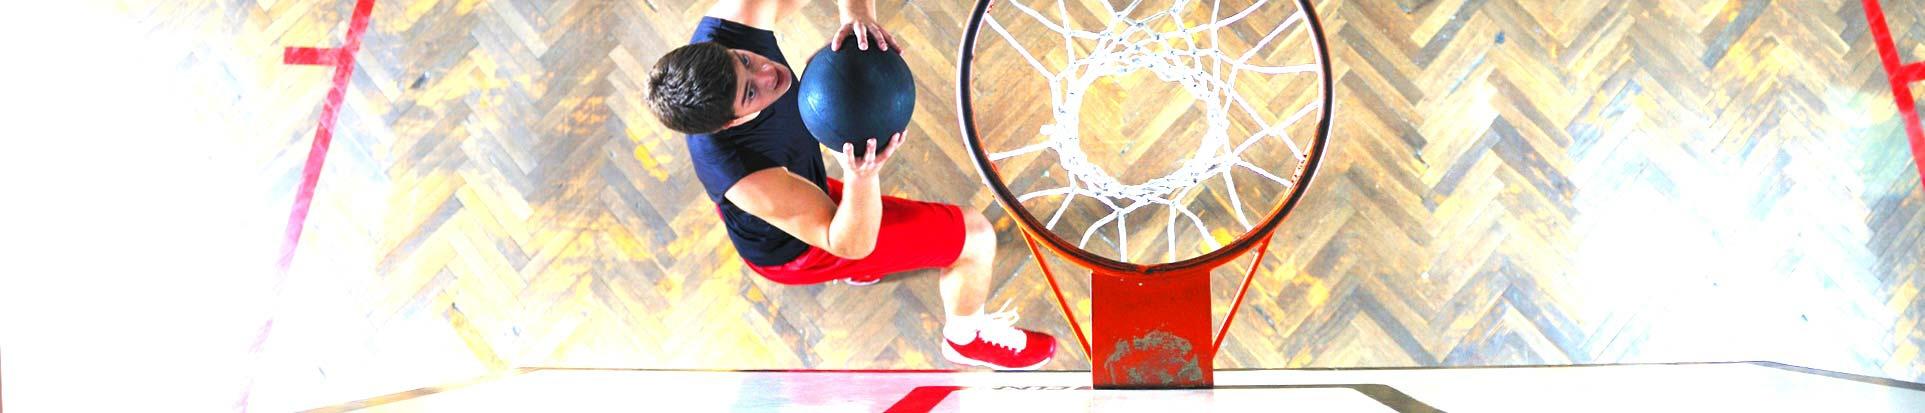 prezracevanje-sportne-dvorane-telovadnice-klimatizacija